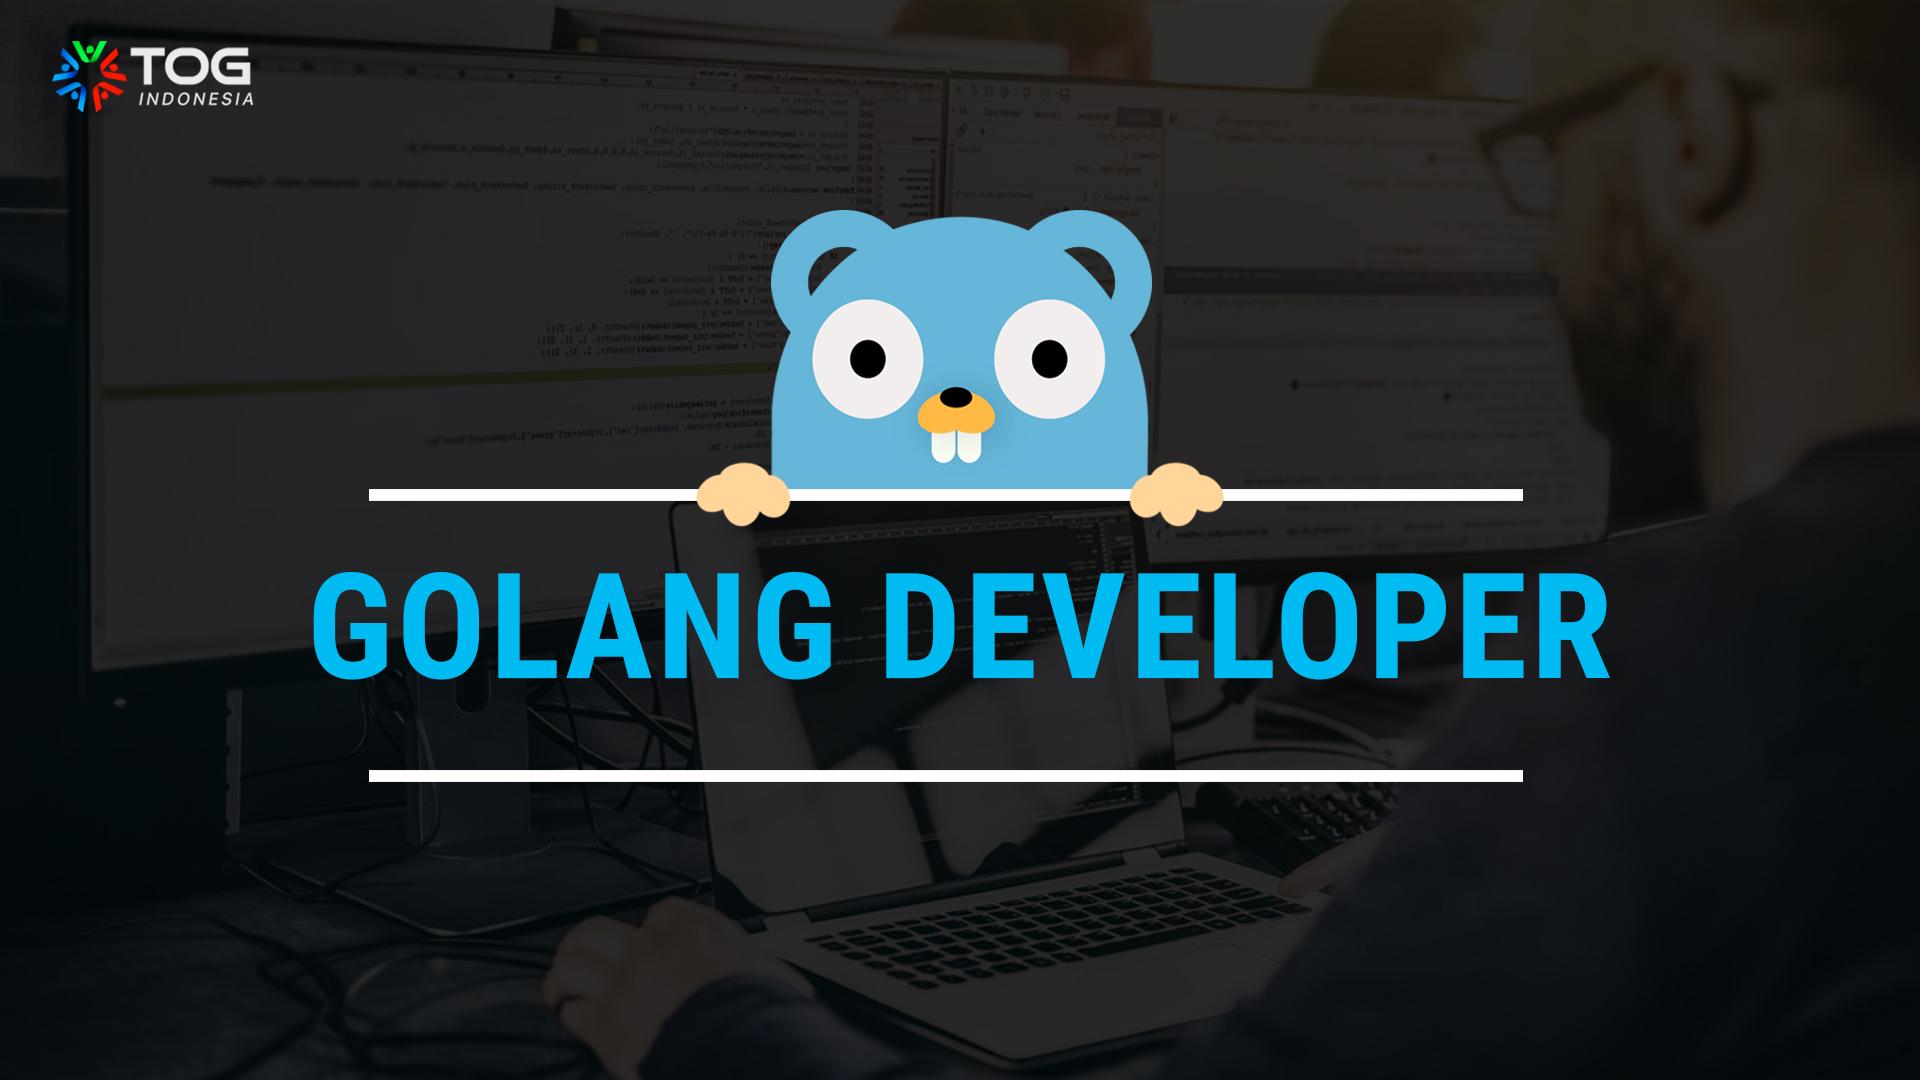 lowongan golang developer